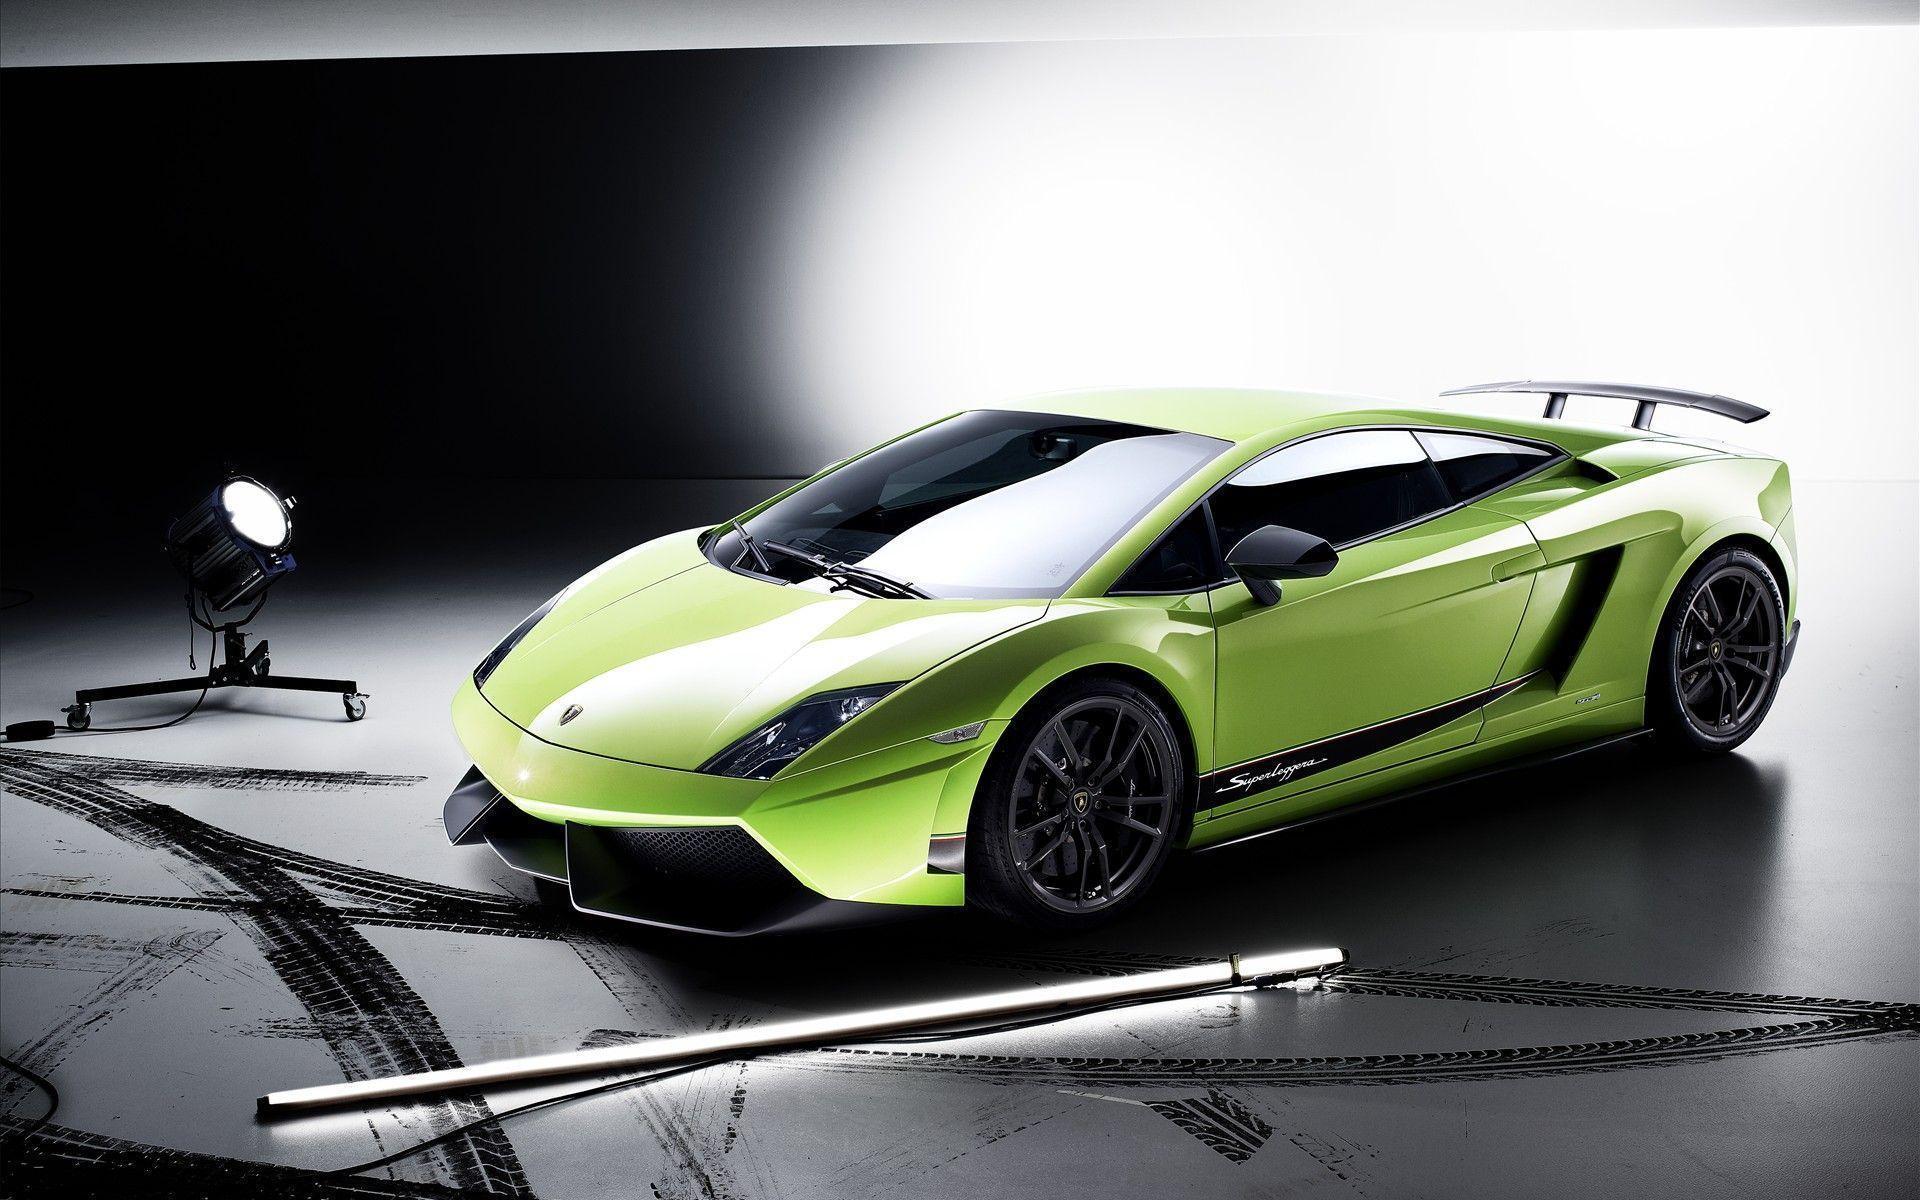 2011 lamborghini gallardo lp 570 4 superleggera wallpapers hd - Lamborghini Gallardo Superleggera Wallpaper